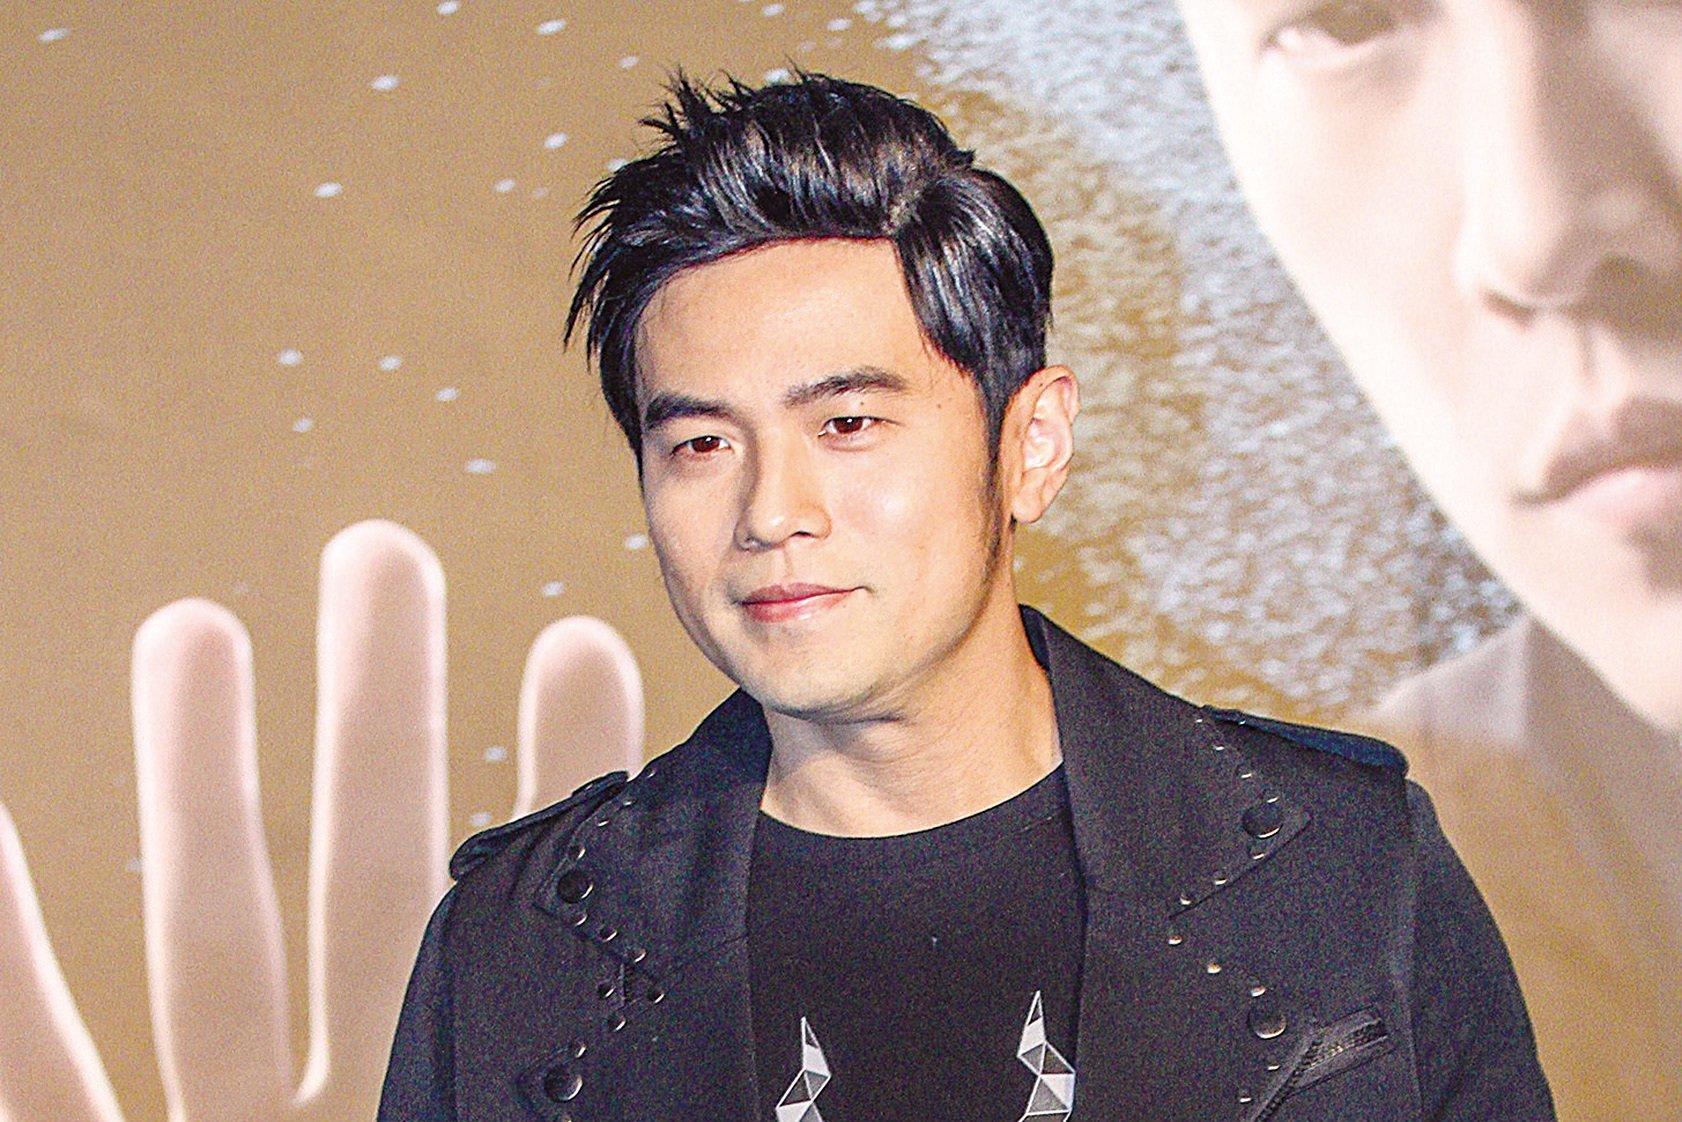 台灣藝人周杰倫(周董)歌曲,疑似被節目評審評為「沒有甚麼營養」,引發周董粉絲抗議。(中央社提供)